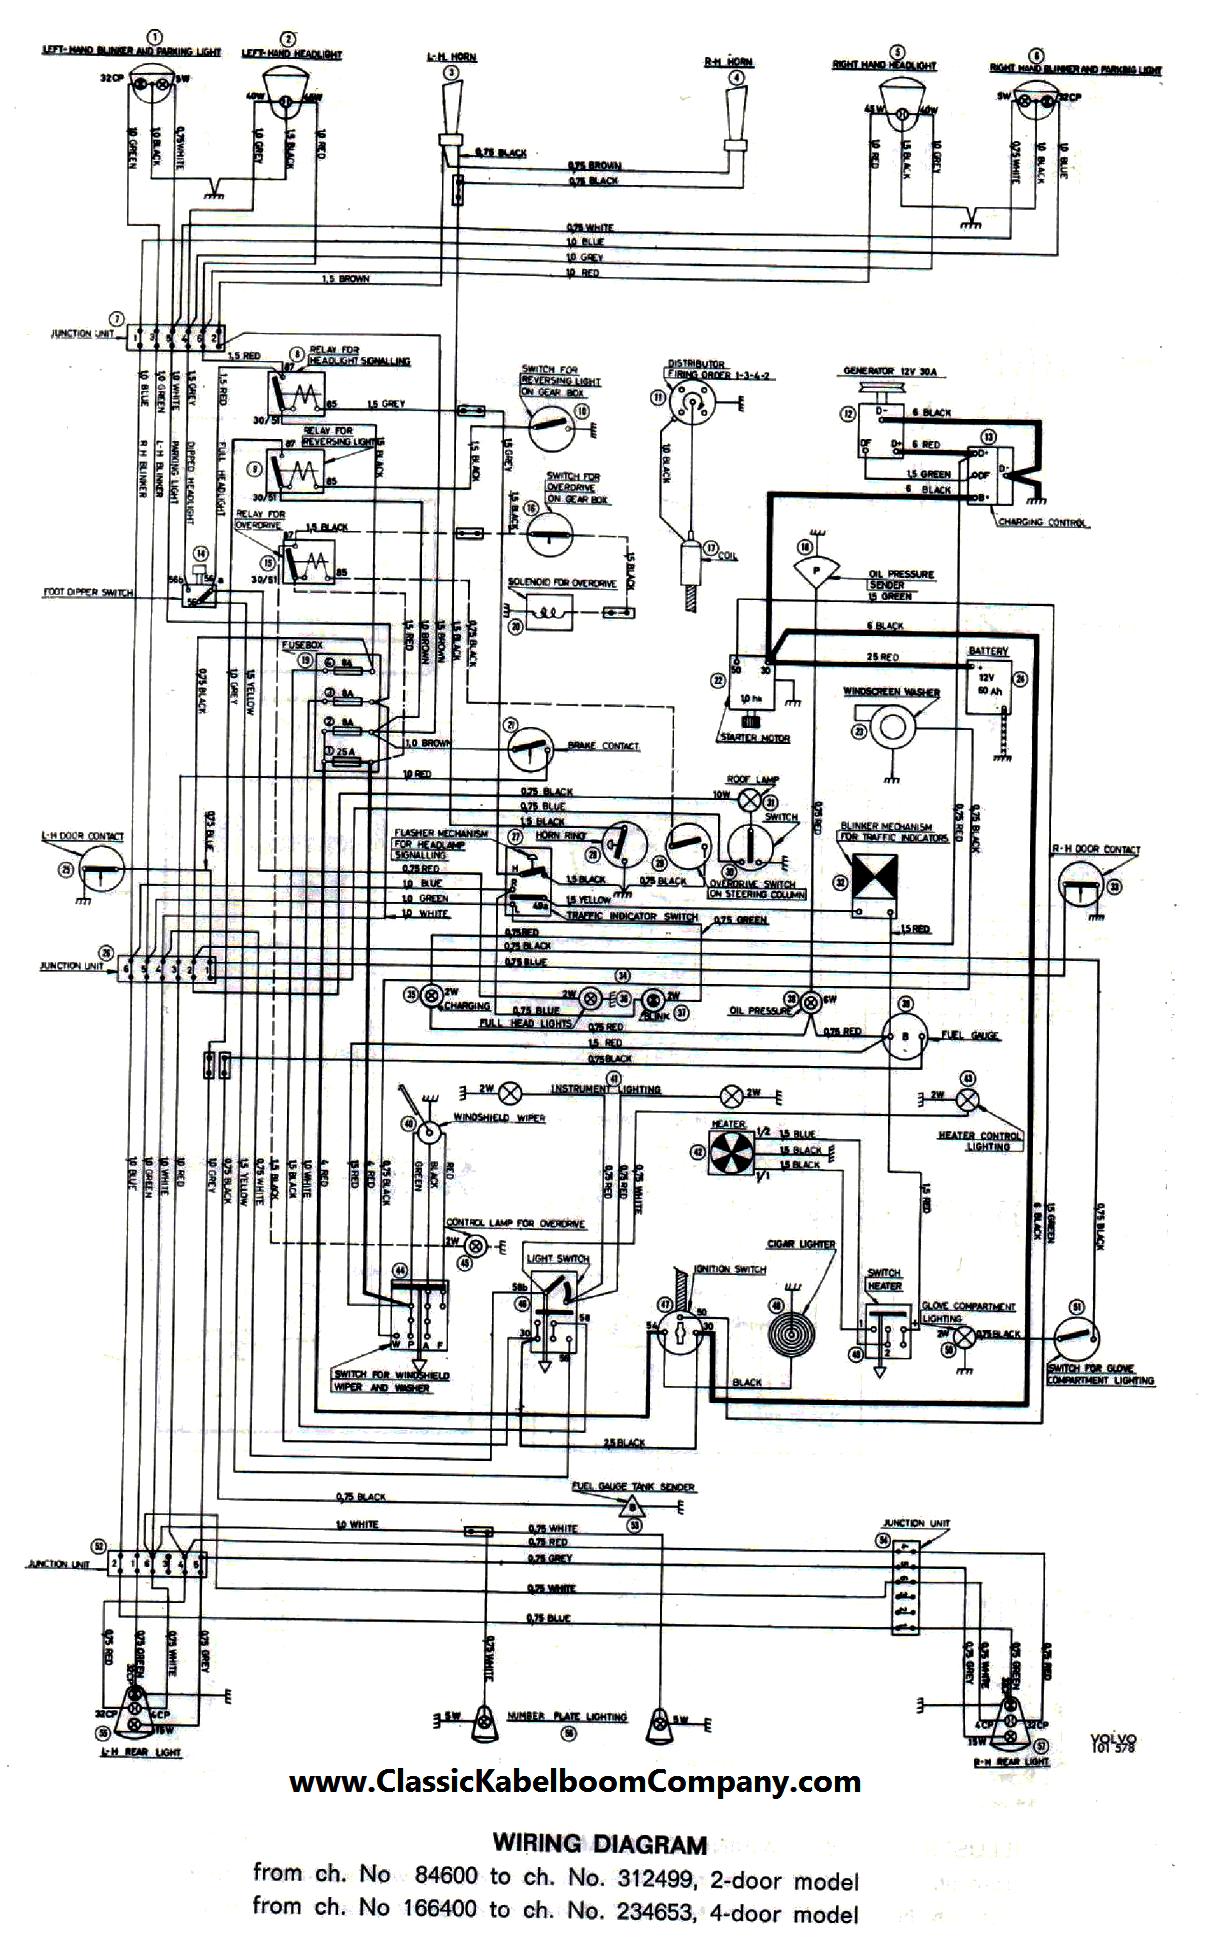 Wiring Diagram For John Deere X320 on